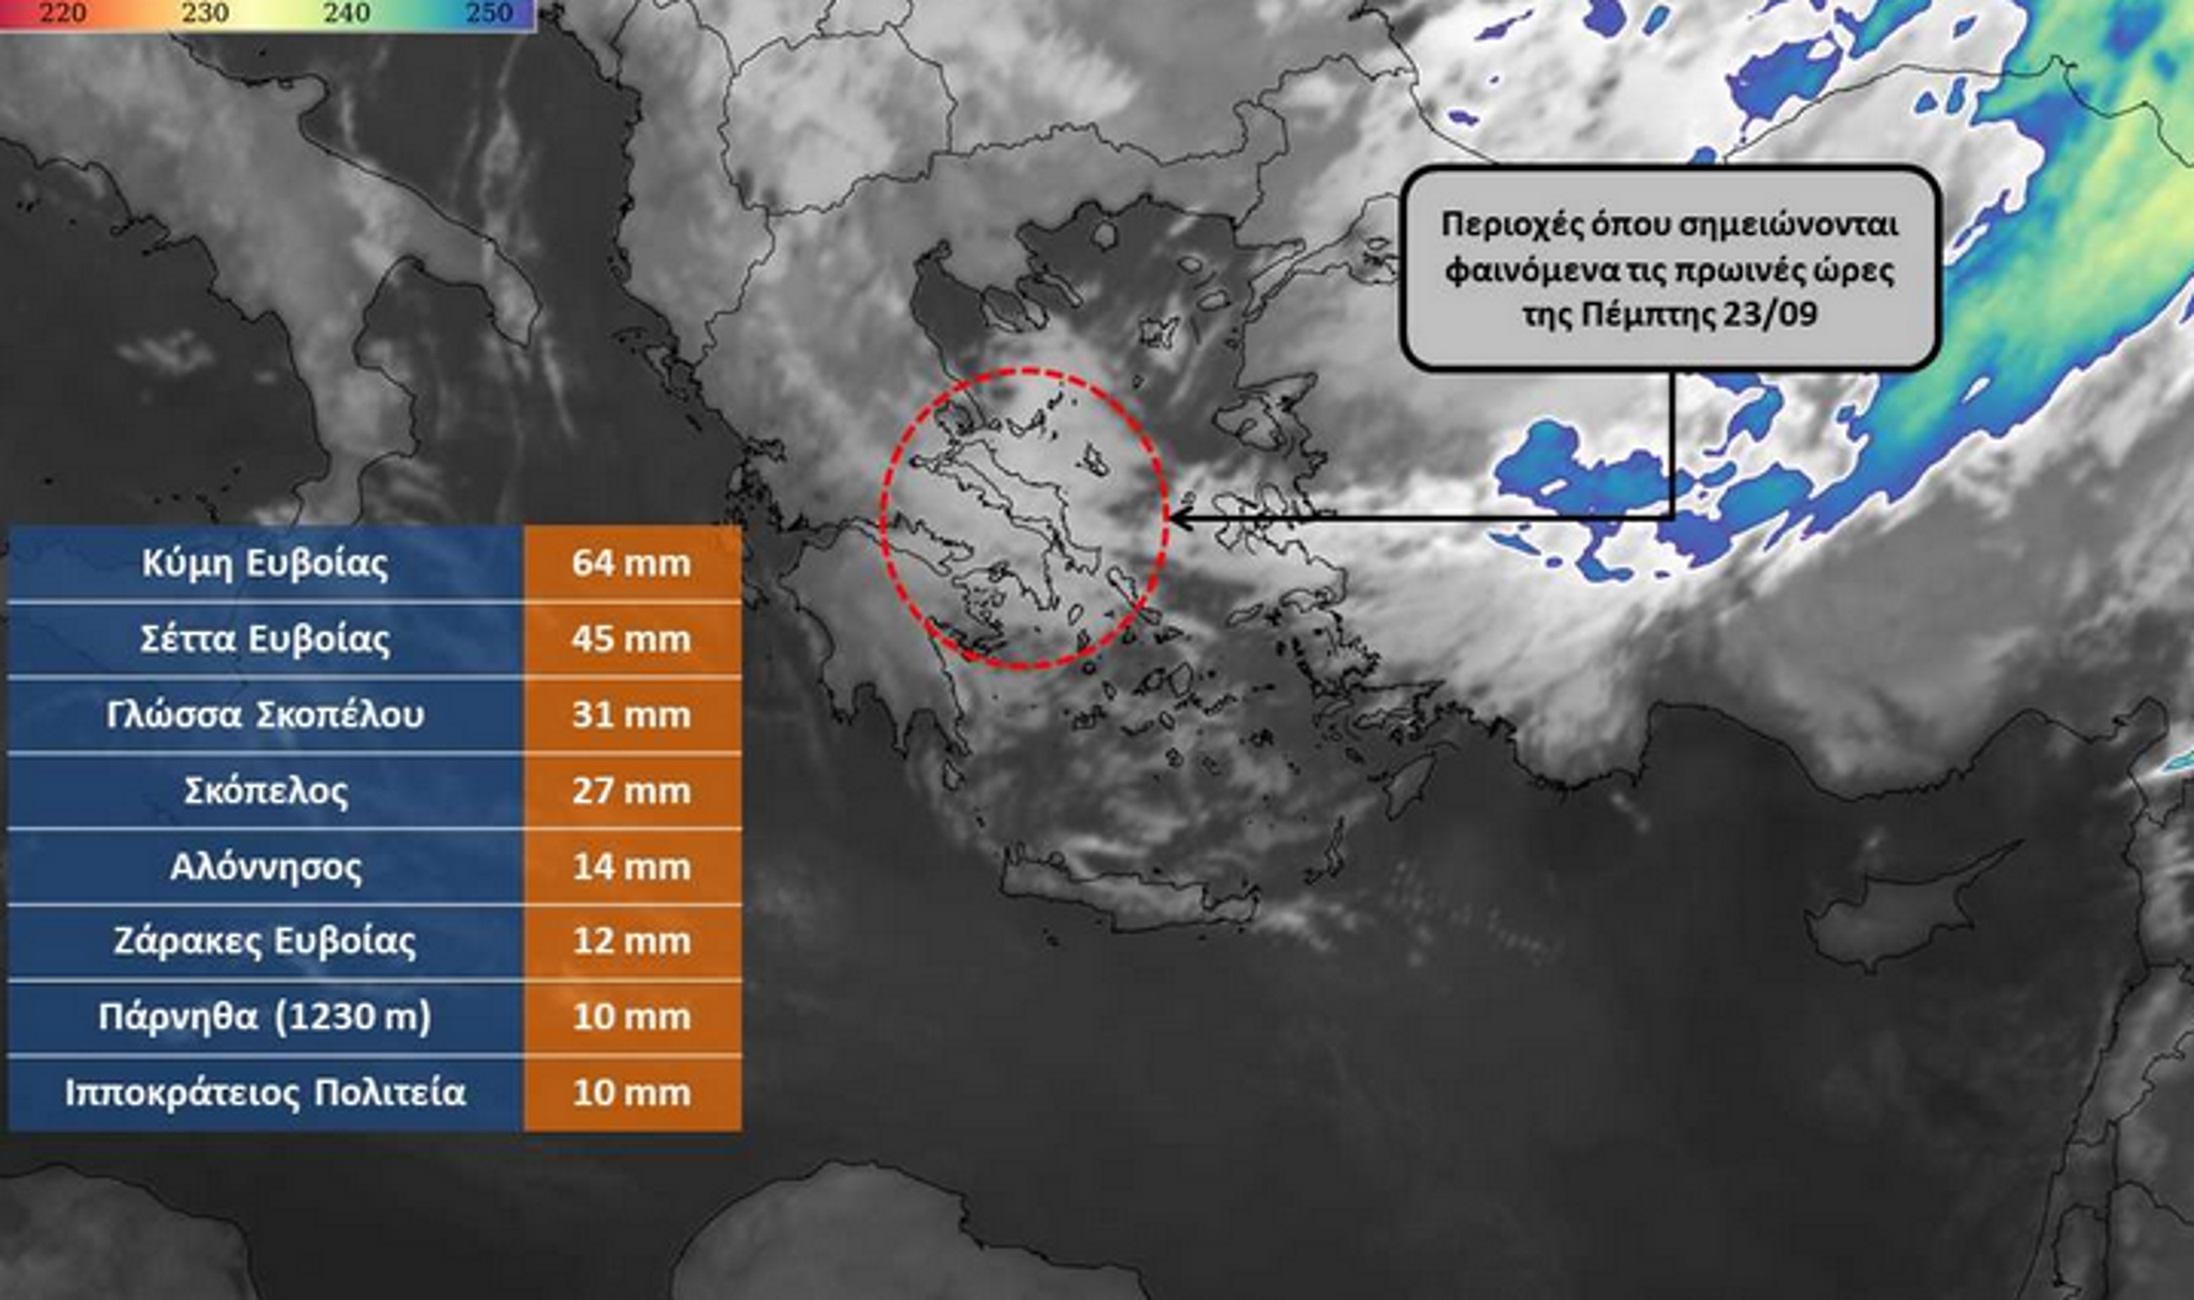 Καιρός: Ο κύκλος της κακοκαιρίας – Πού  θα εκδηλωθούν έντονες βροχές και καταιγίδες μέσα στη μέρα